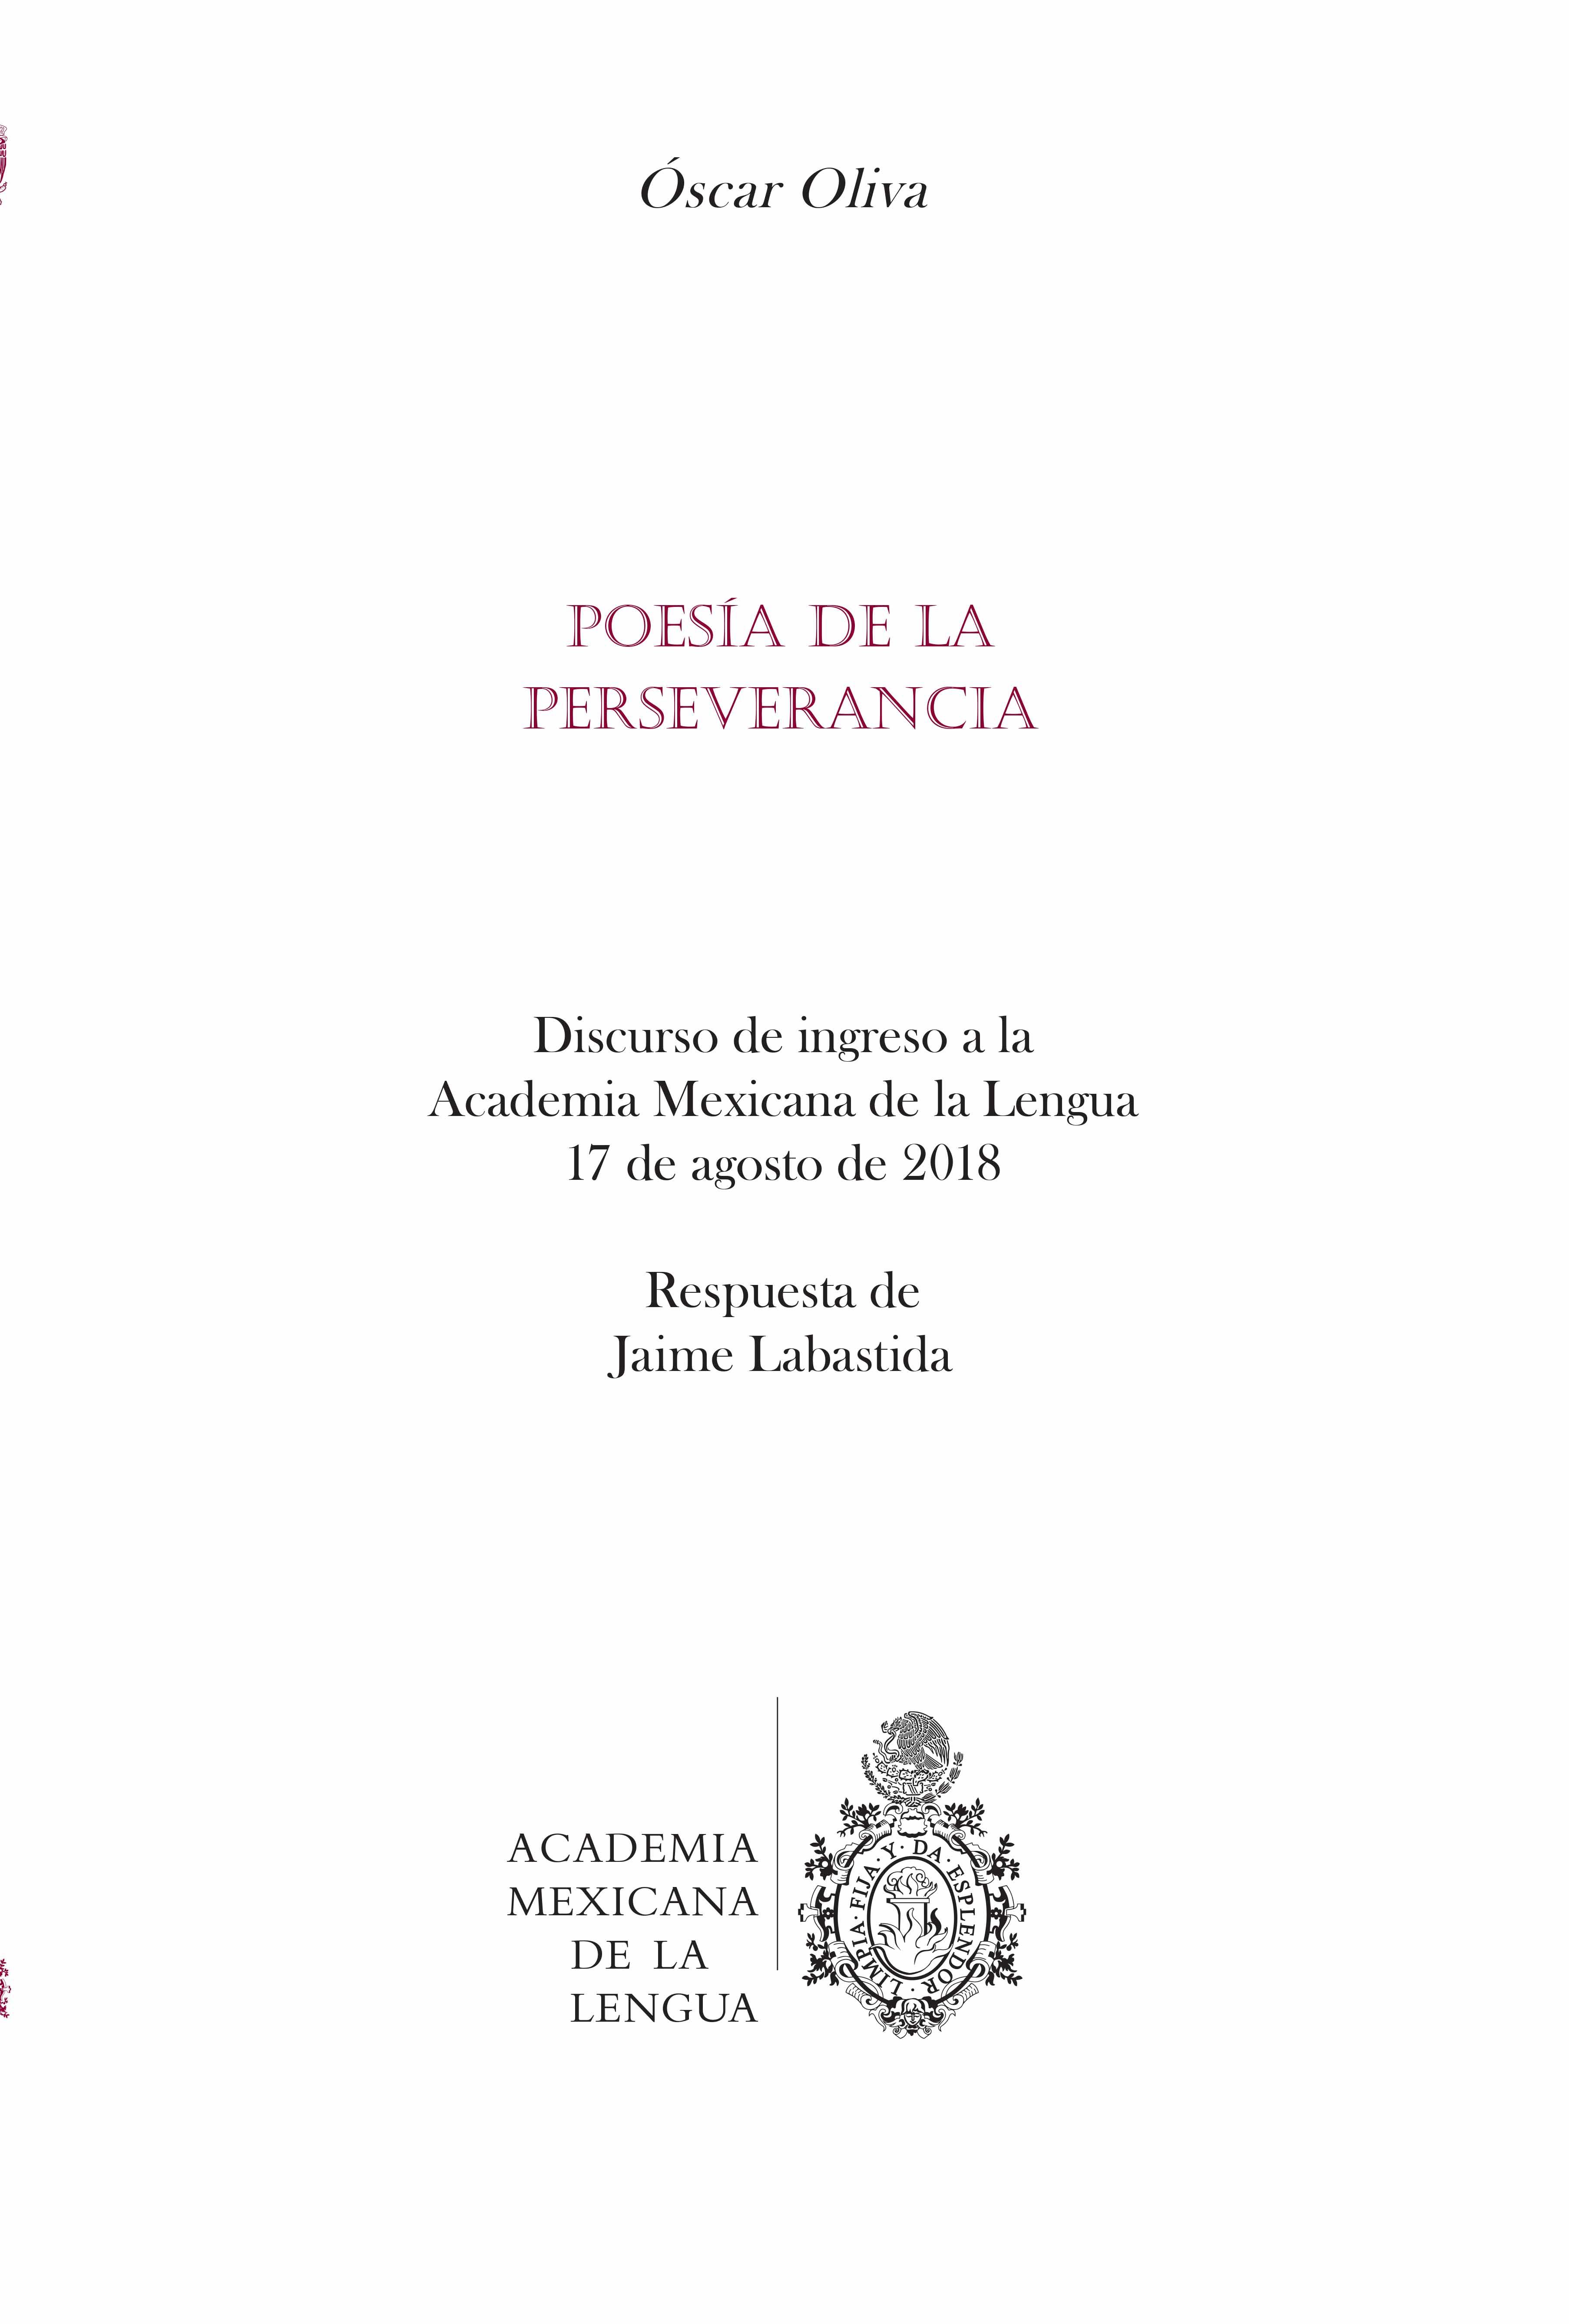 Poesía de la perseverancia:  discurso de ingreso a la Academia Mexicana de la Lengua, 17 de agosto de 2018